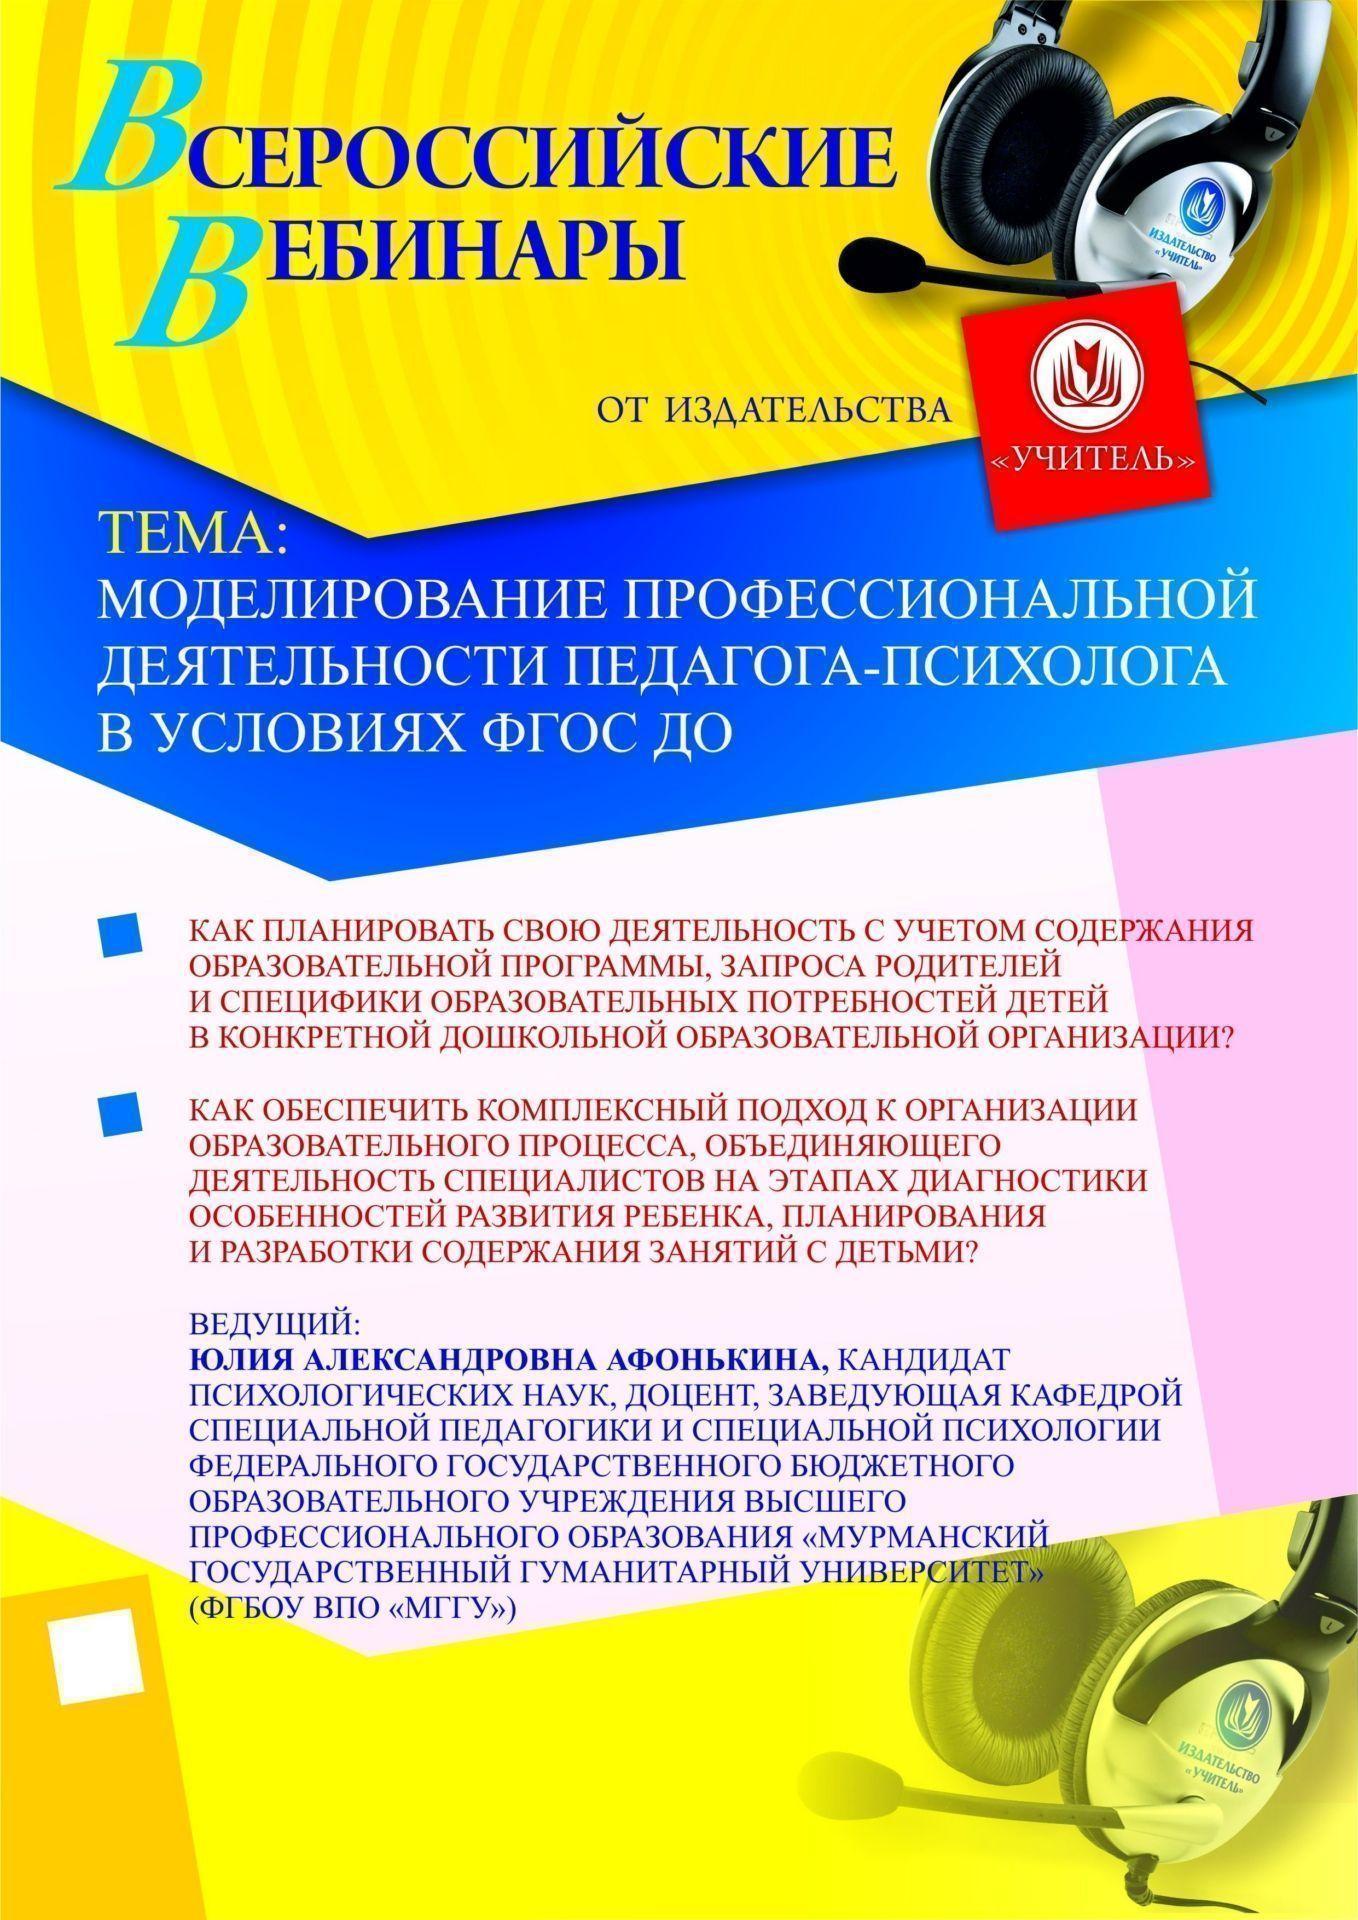 Моделирование профессиональной деятельности педагога-психолога в условиях ФГОС ДО фото